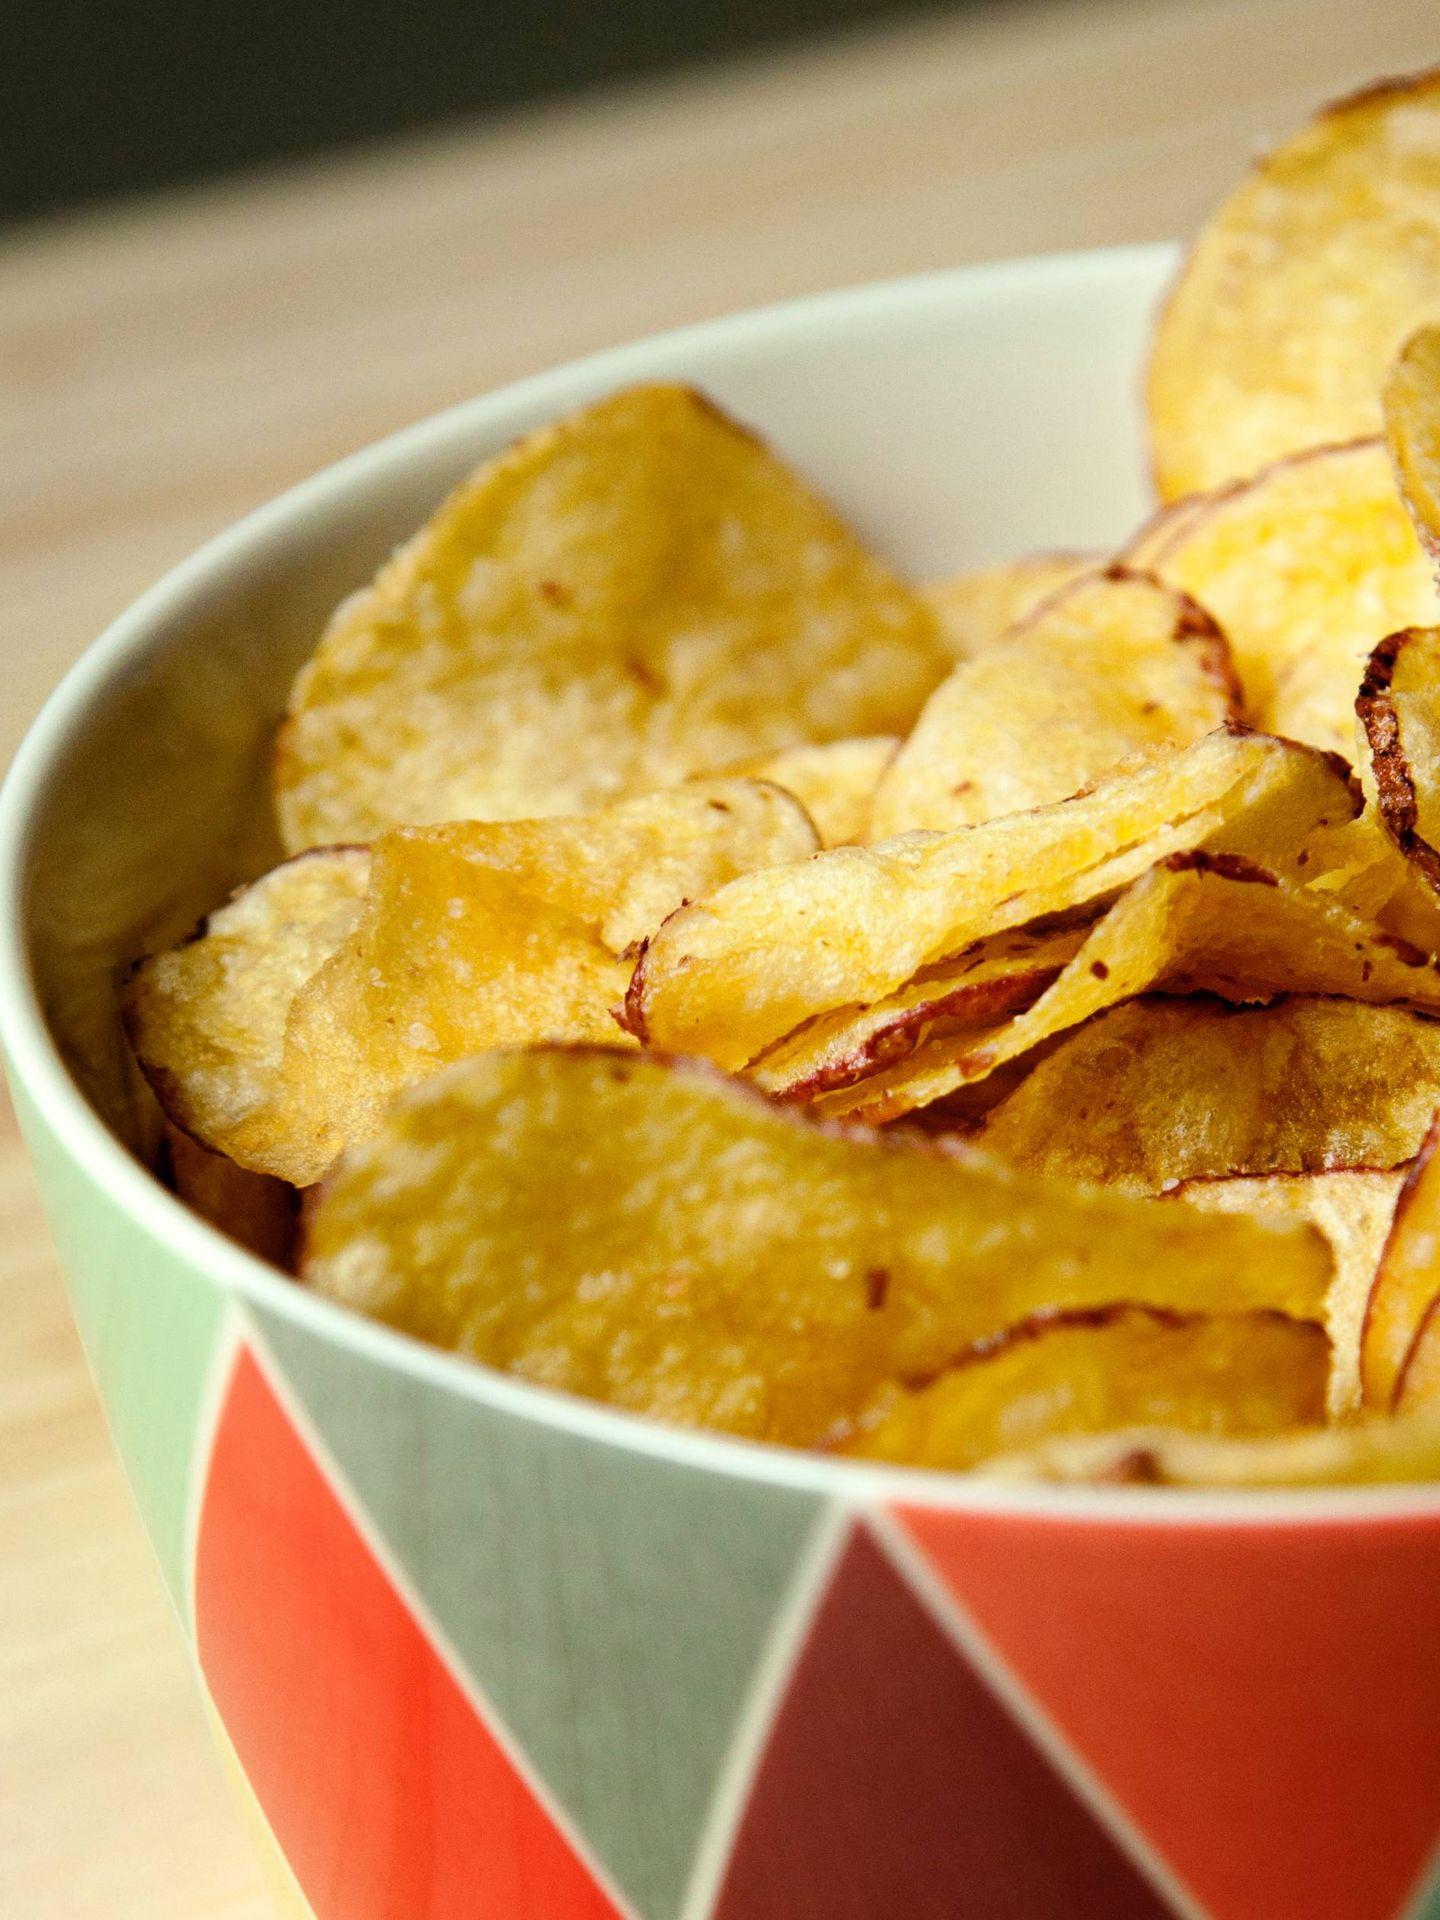 Las grasas saturadas o el alcohol quedan fuera de la dieta. (Emiliano Vittoriosi para Unsplash)